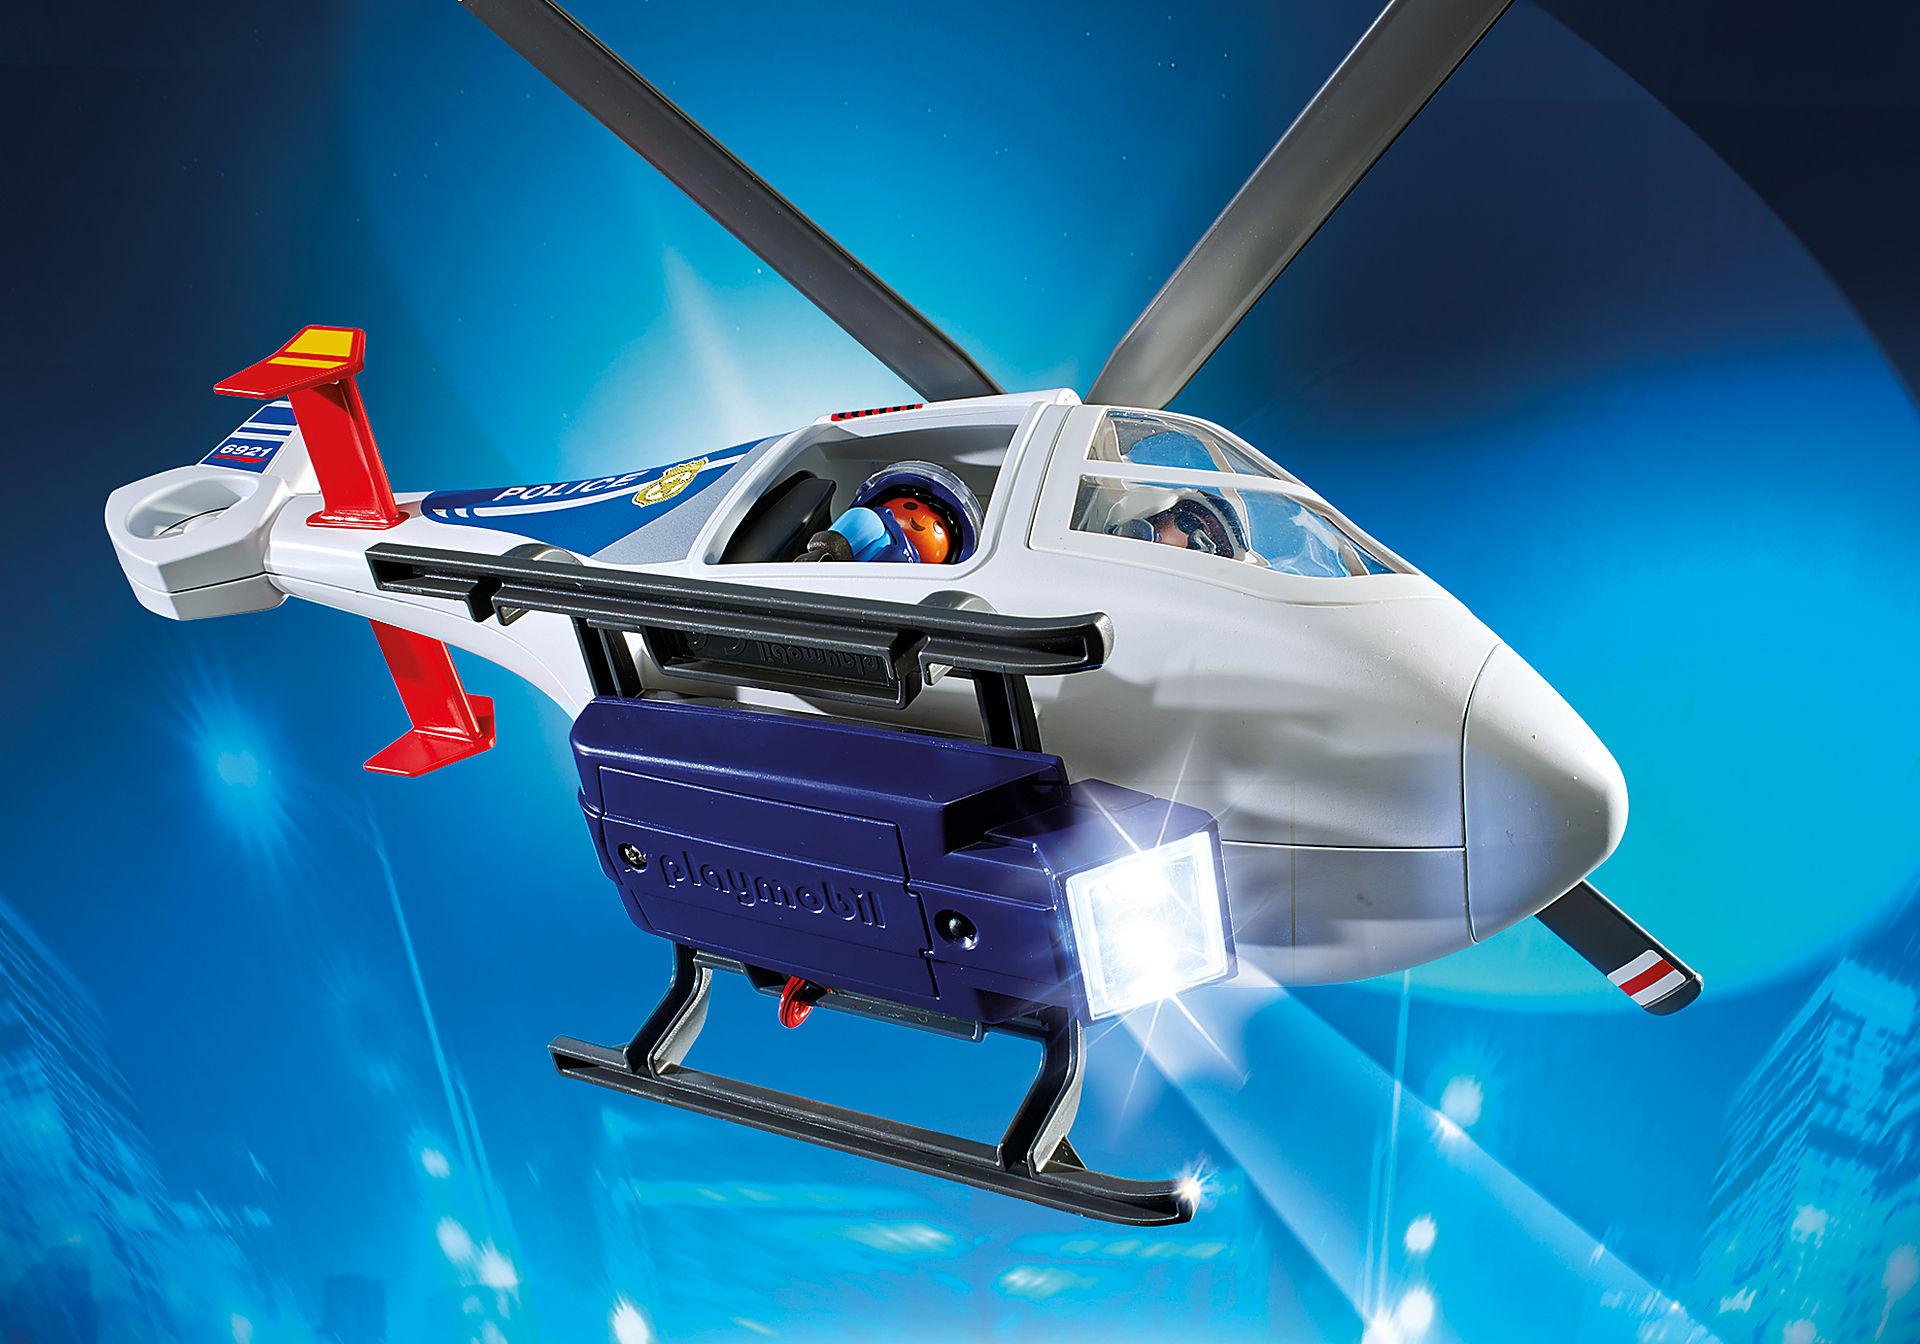 6921 Hélicoptère de police avec projecteur de recherche zoom image6